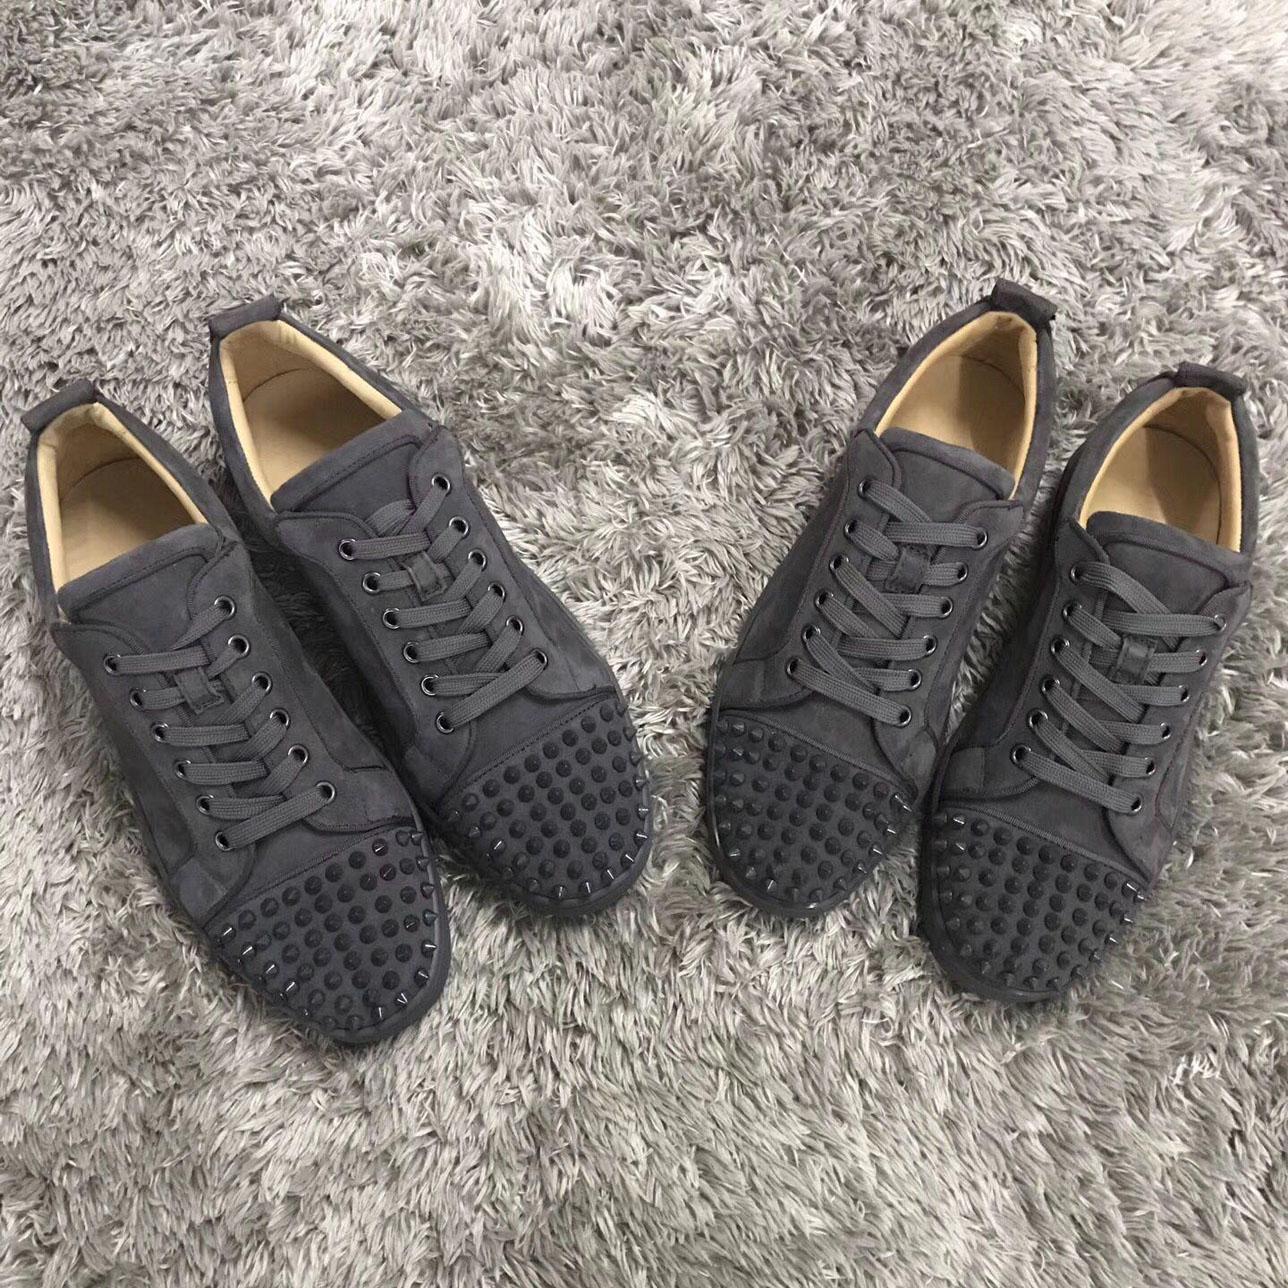 مصنع هويلسالي! أحمر الفاخرة الموضة في باريس للرجال أسفل أعلى منخفض حذاء رياضة حذاء رجل / إمرأة نمط جلد الغزال الشقق حذاء رياضة أسود أحمر رمادي